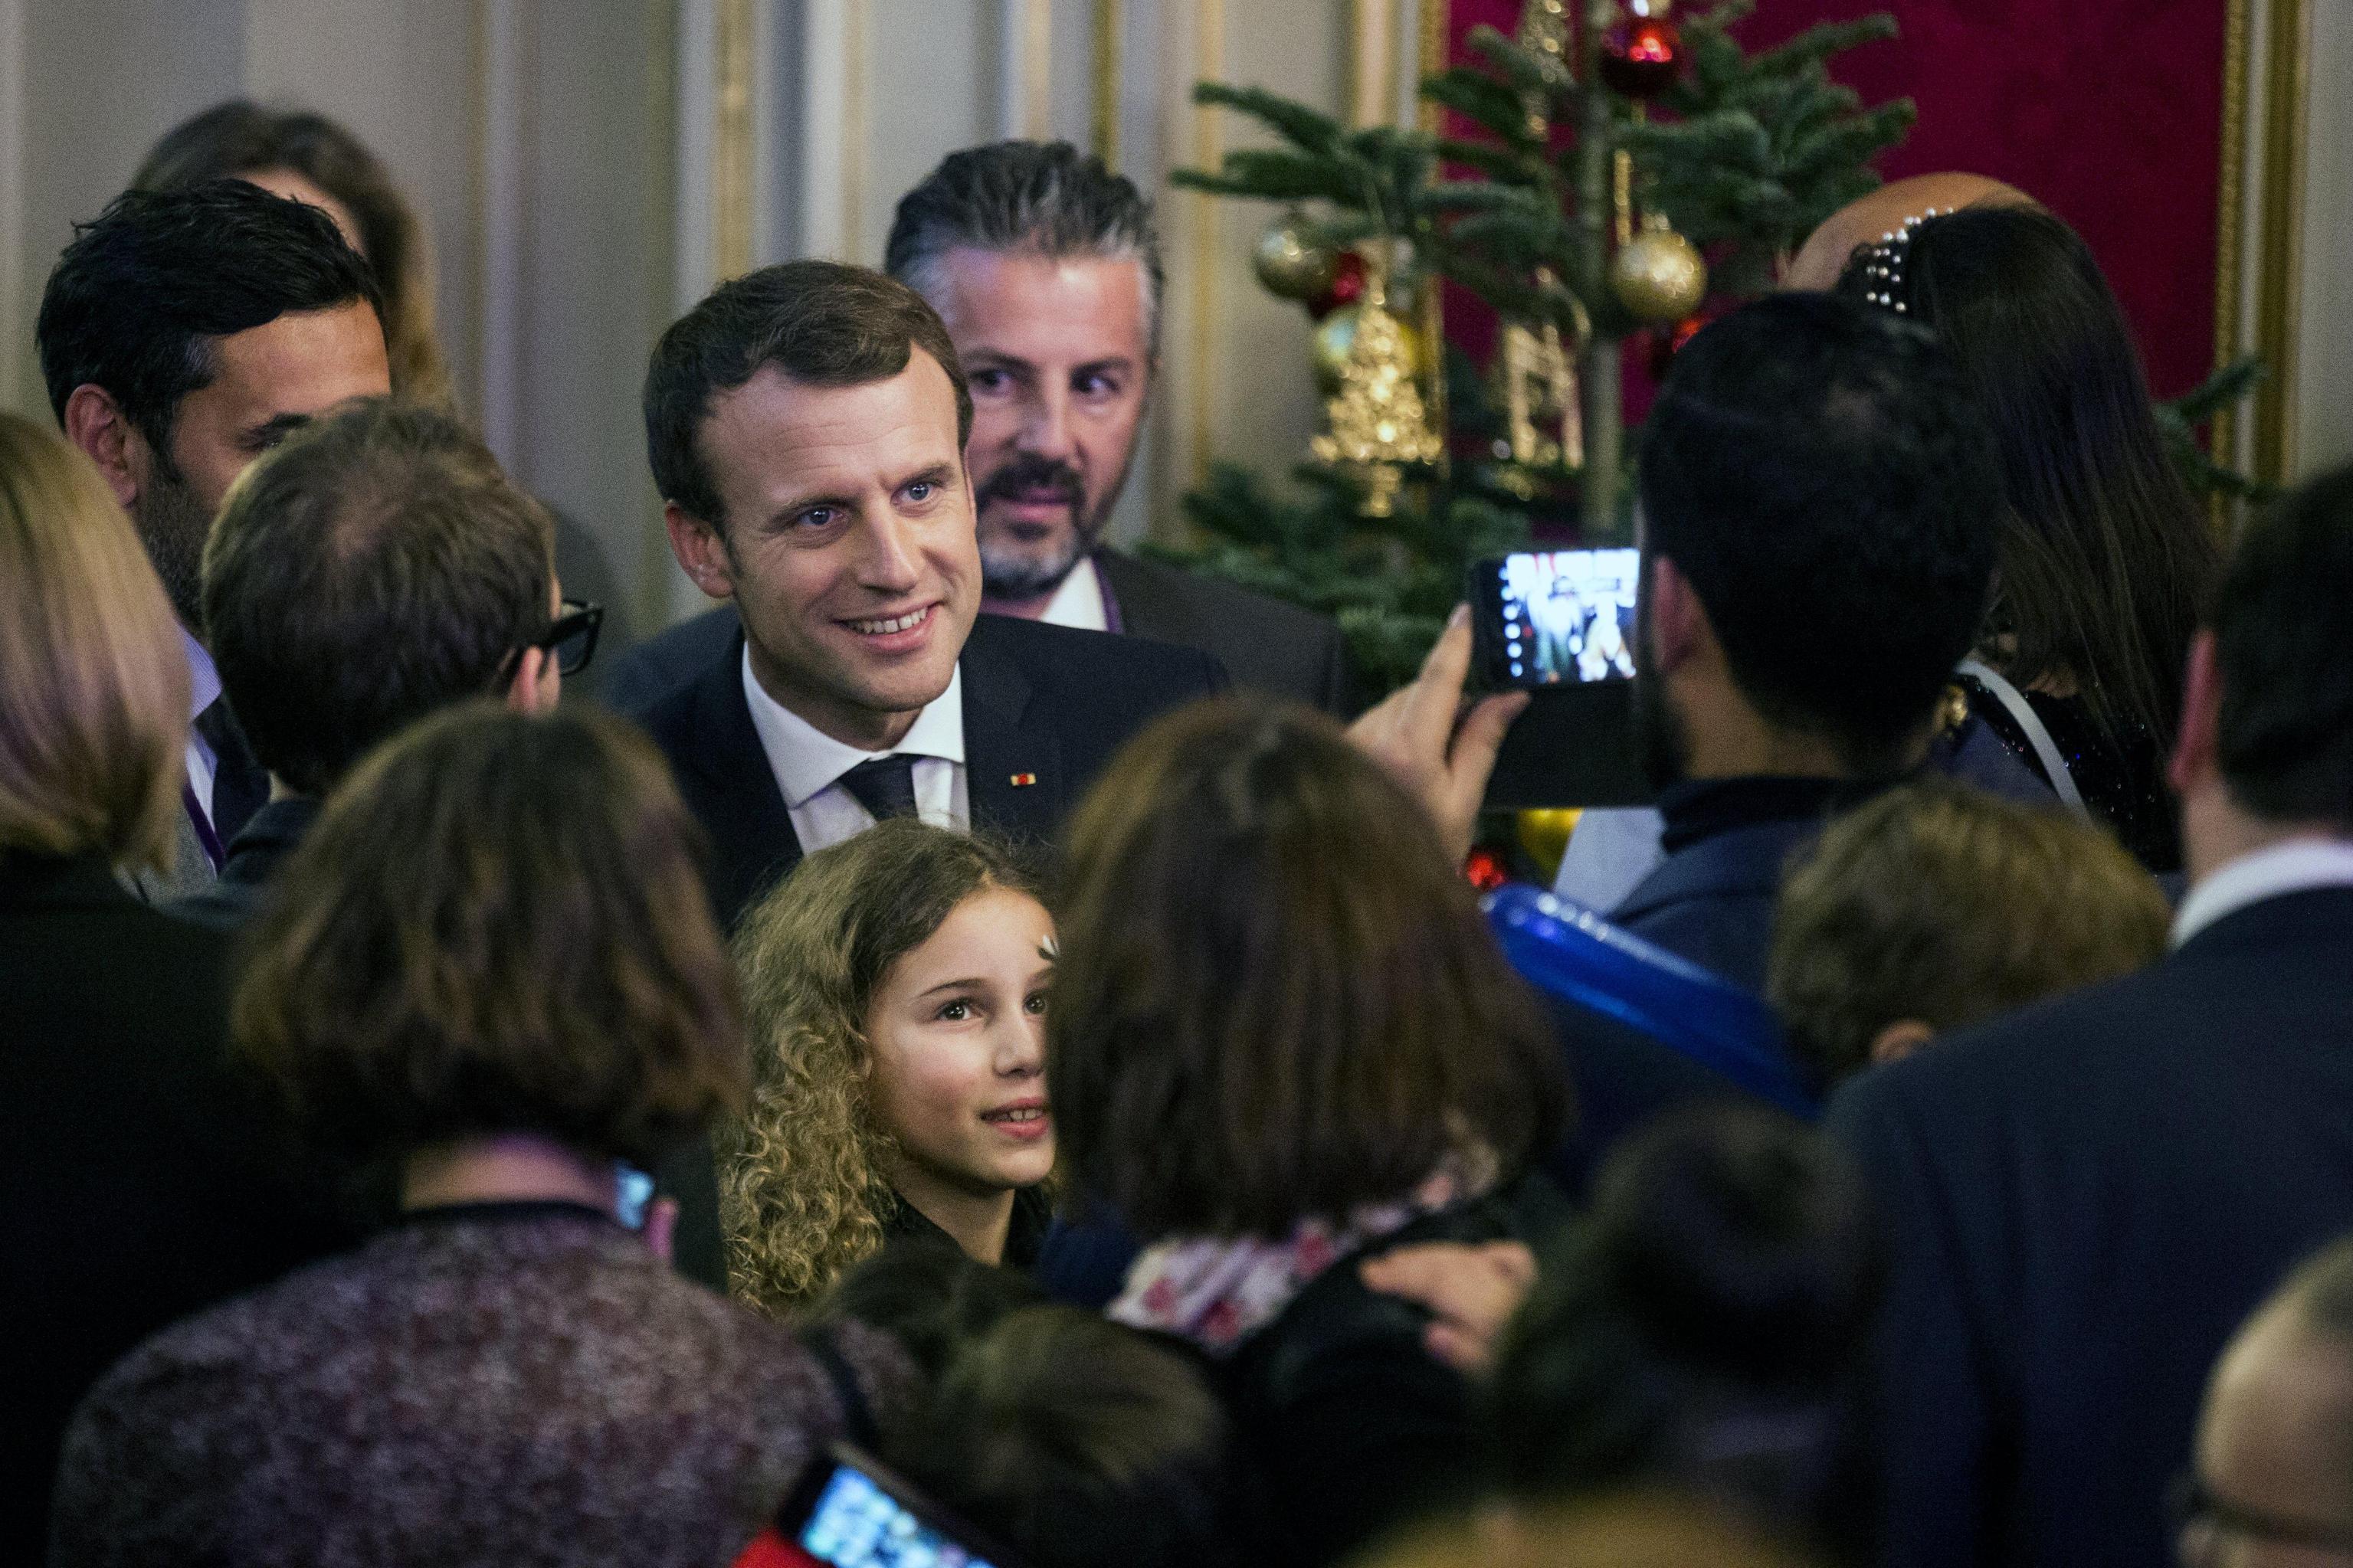 Compleanno Macron al castello, polemiche